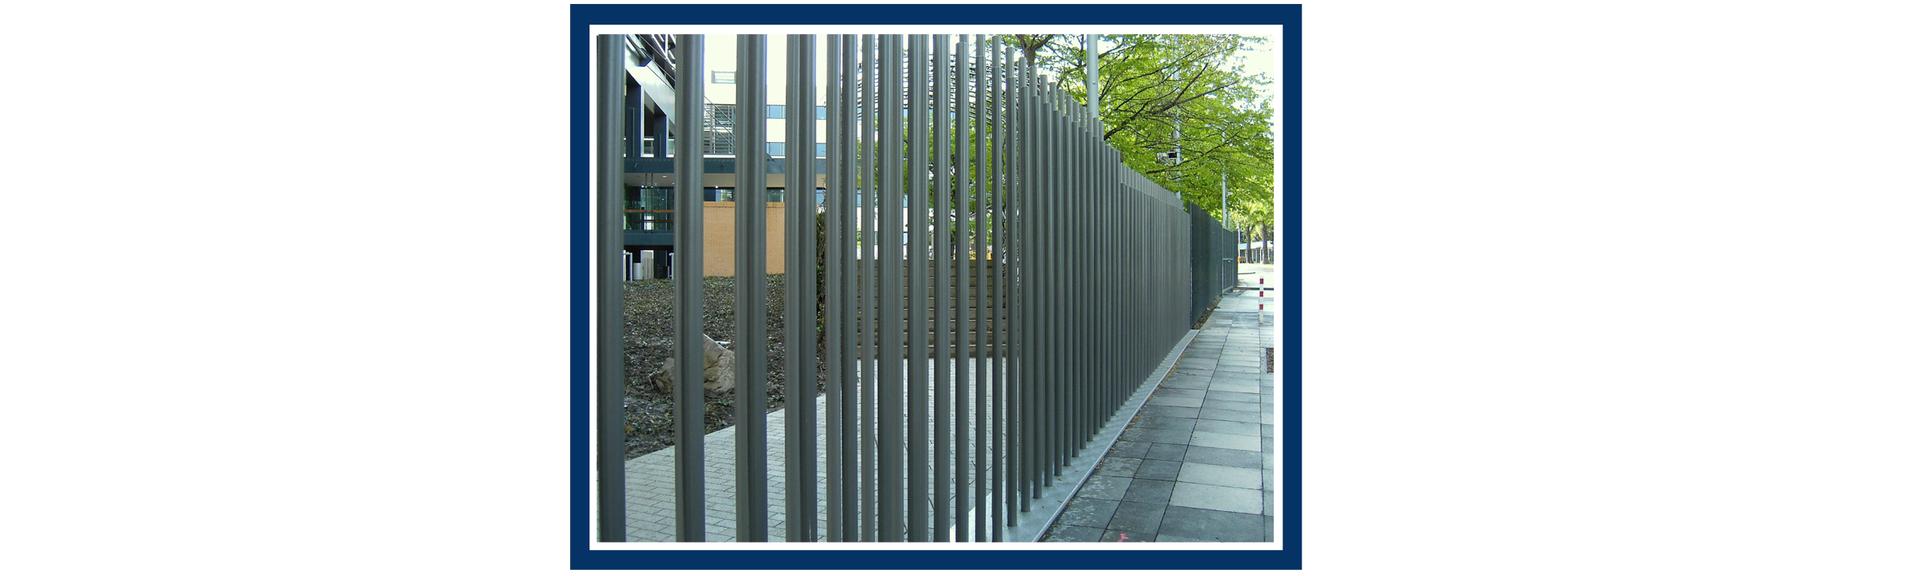 Rysunek ogrodzenia zbudowanego ztej samej wysokości ikształtu metalowych elementów.